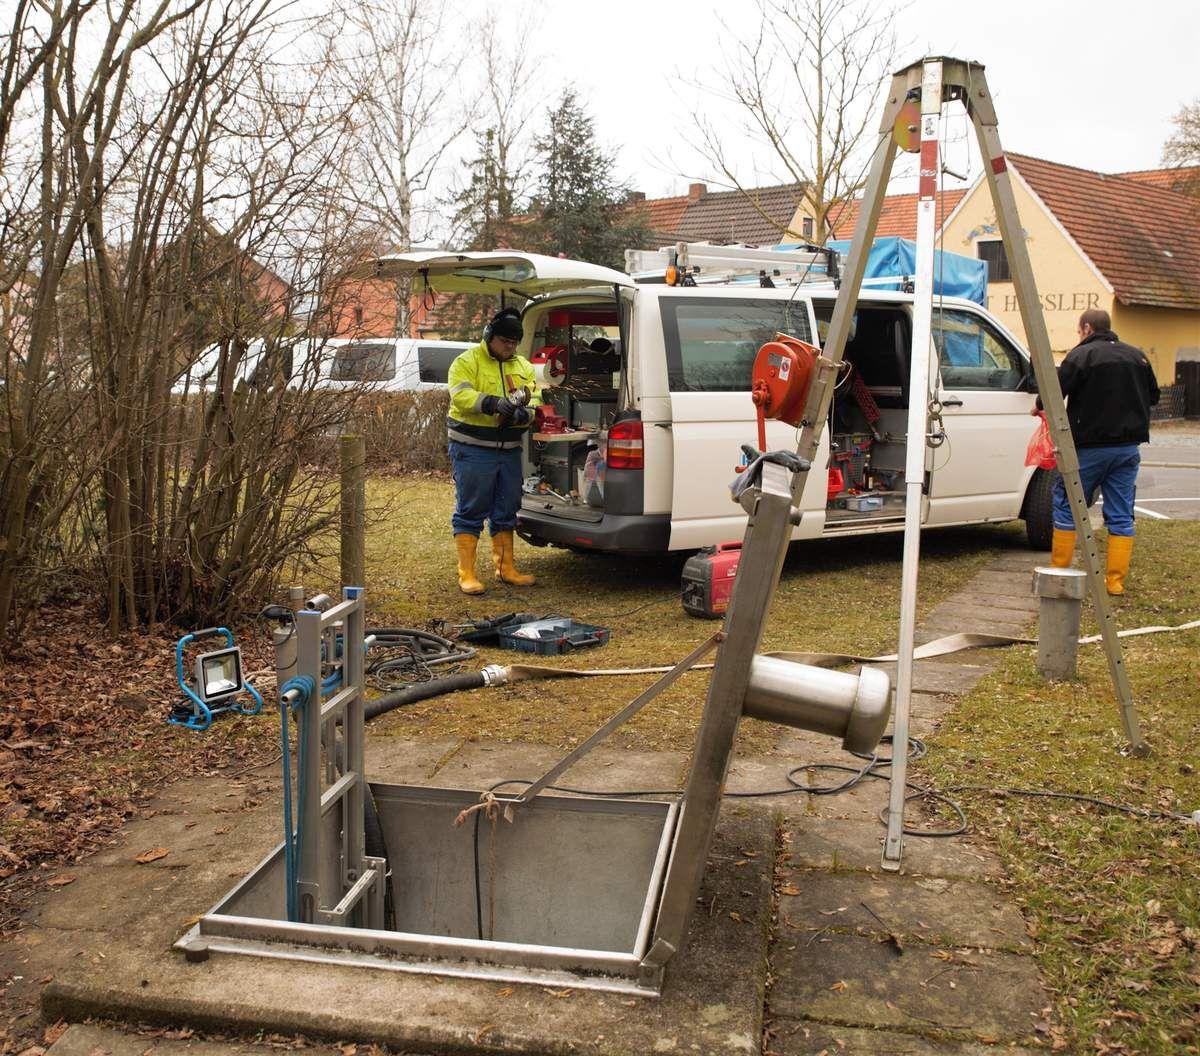 Umbauarbeiten am Abgabeschacht der Fernwasserversorgung mussten abgebrochen werden